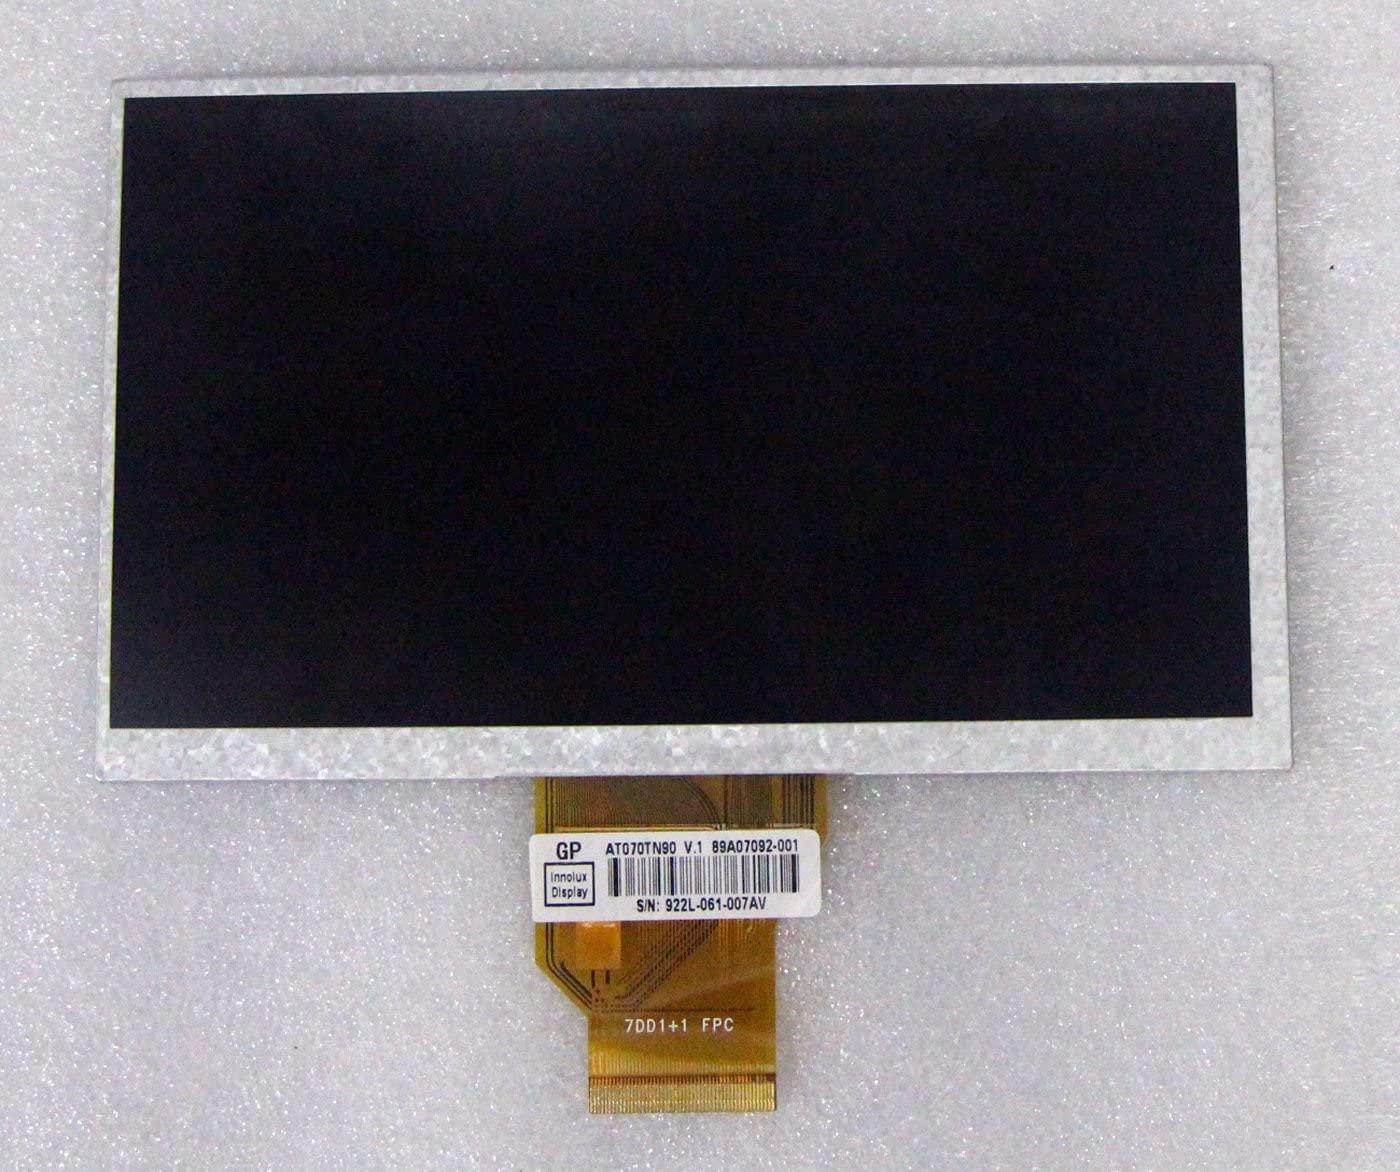 innolux display at070tn90 v.1.jpg